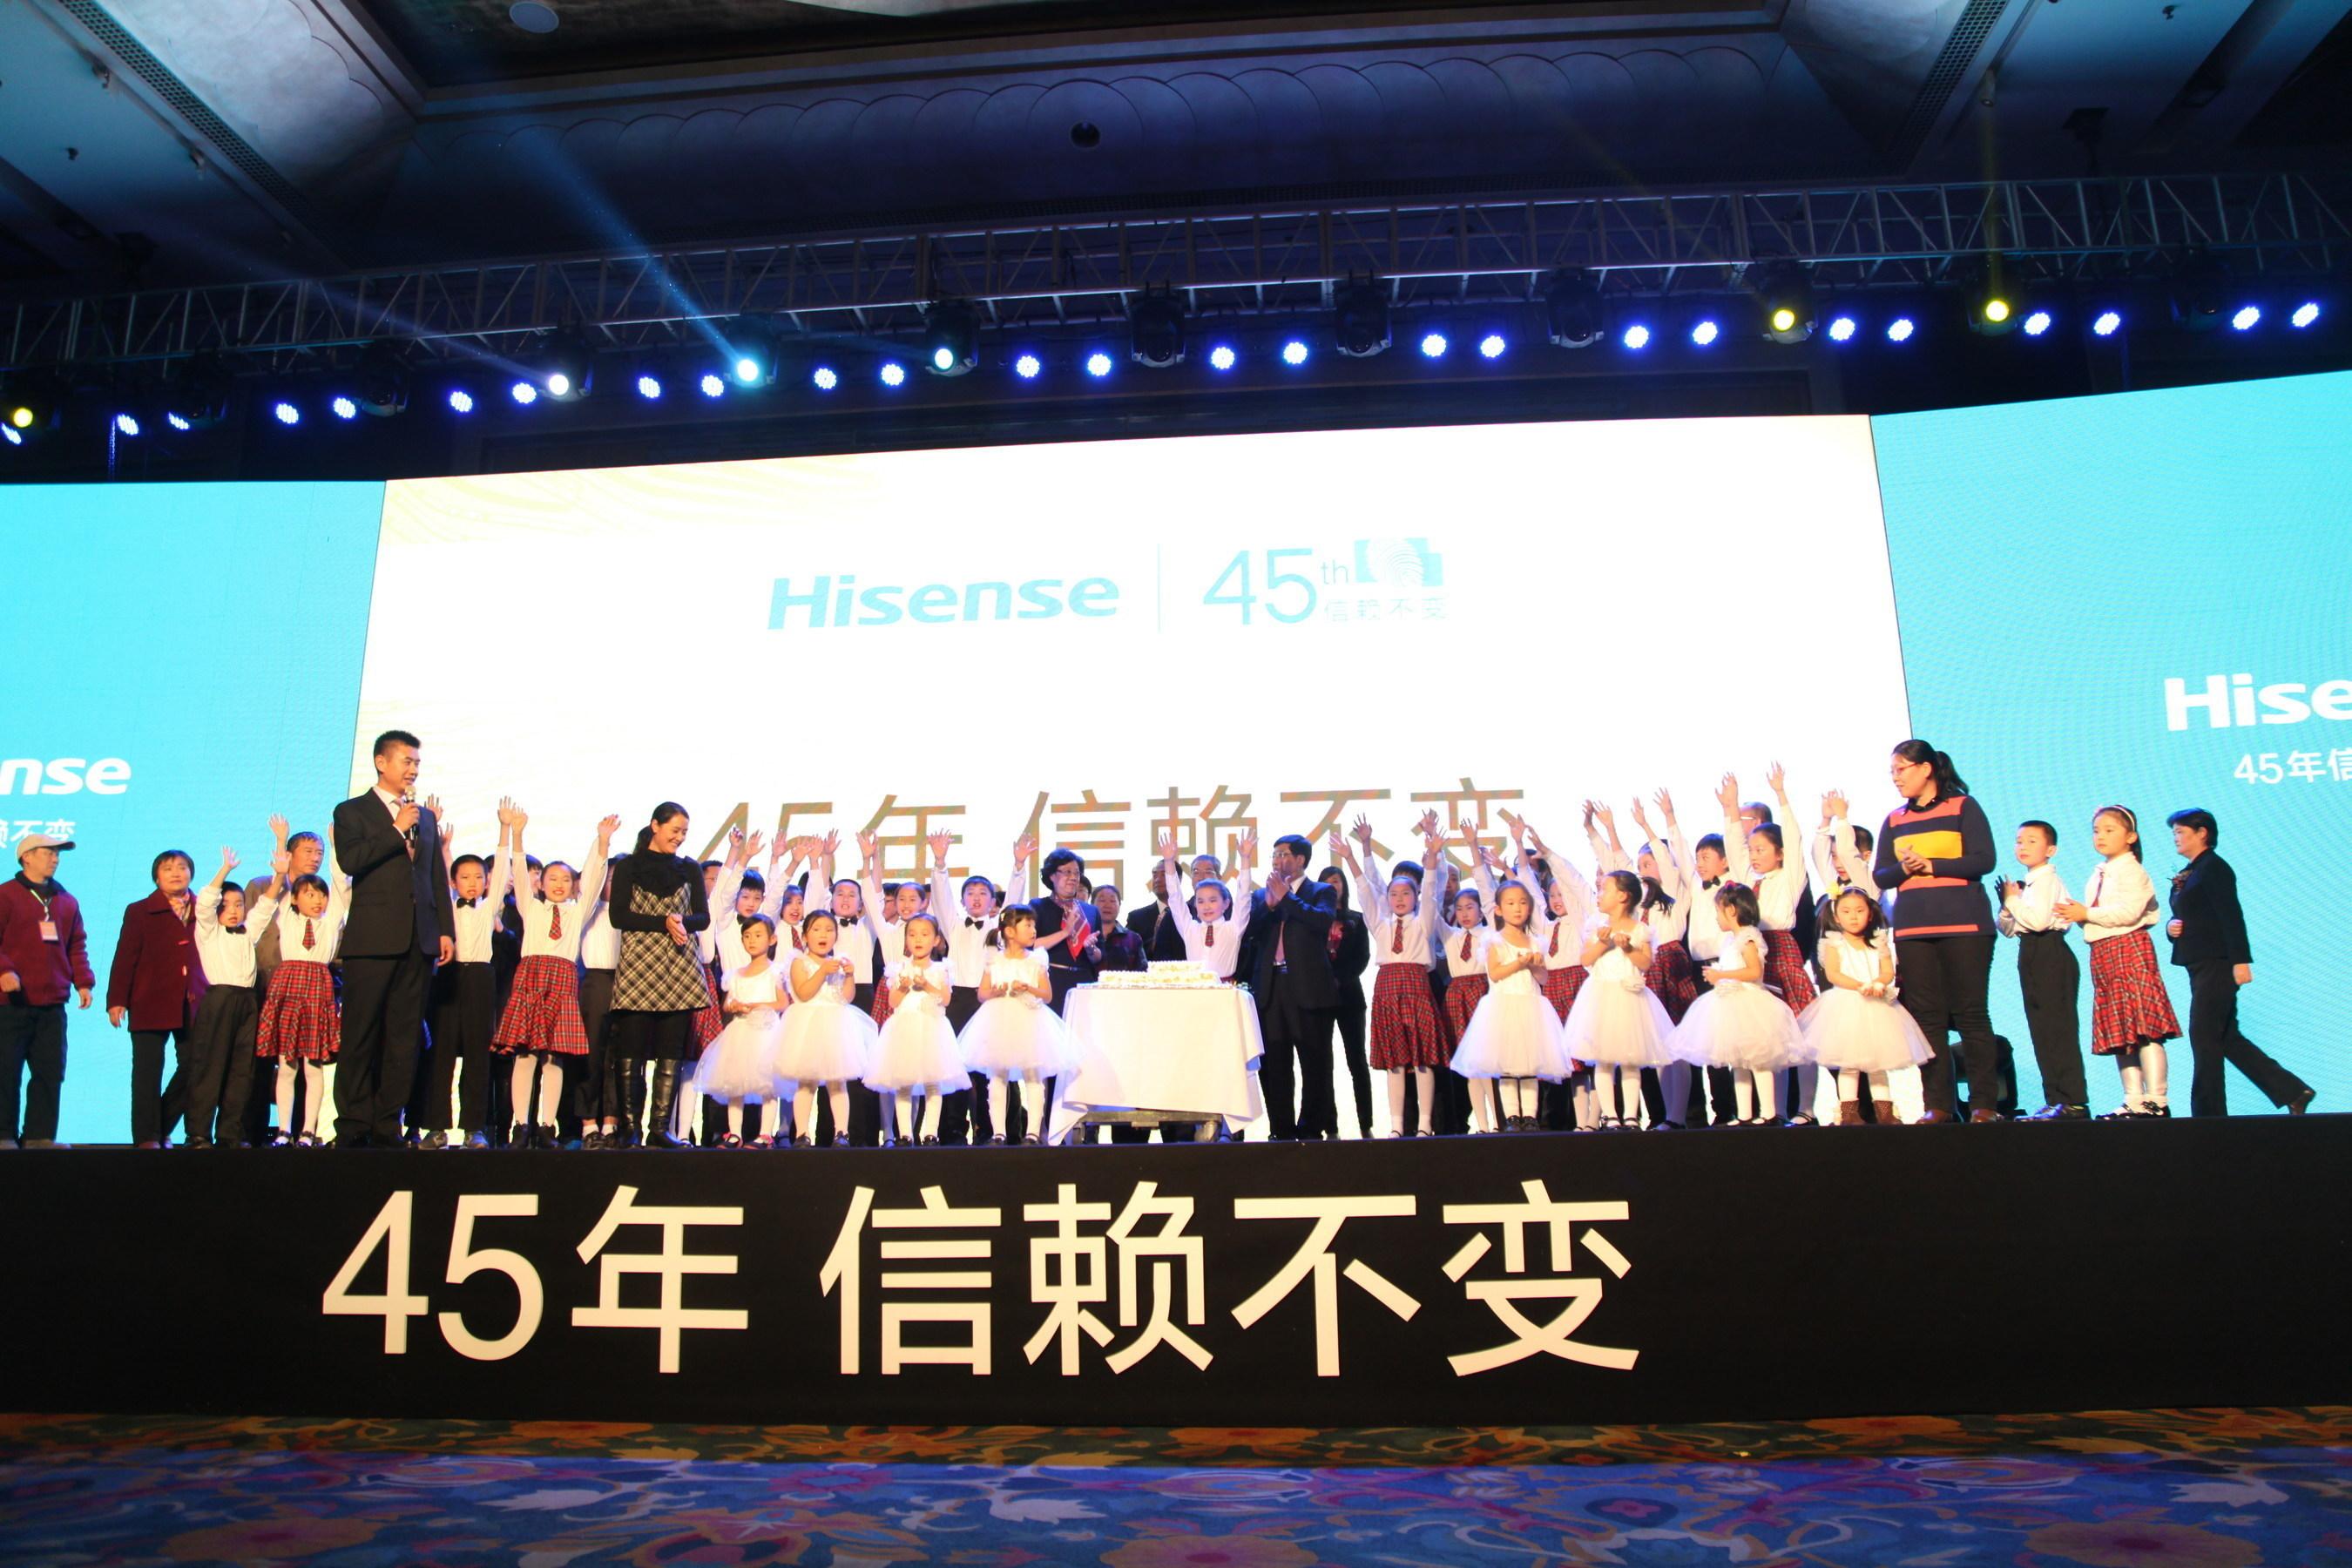 Le Président de Hisense, Zhou Jianhou, présente « le plan de développement quinquennal distinctif »